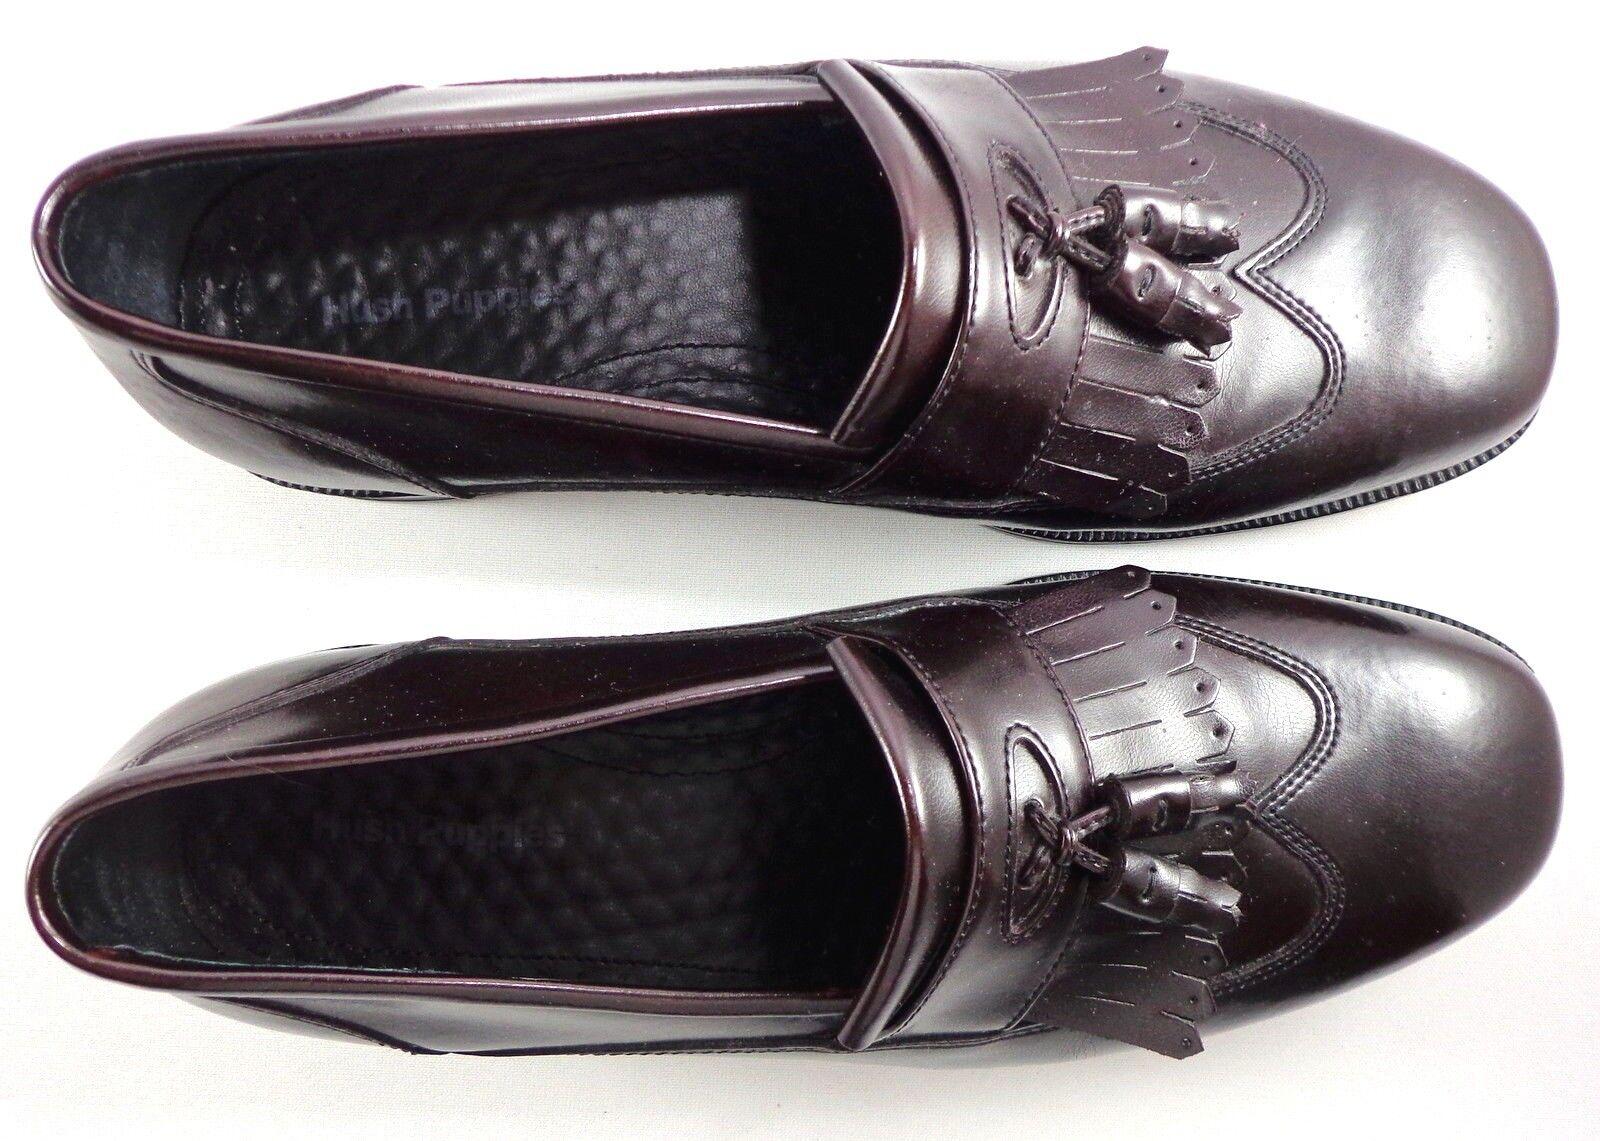 Hush Puppies Wingtip Loafers Leder   Herren Burgundy Leder Loafers Schuhes Größe 10 M with Tassels fc1bf8